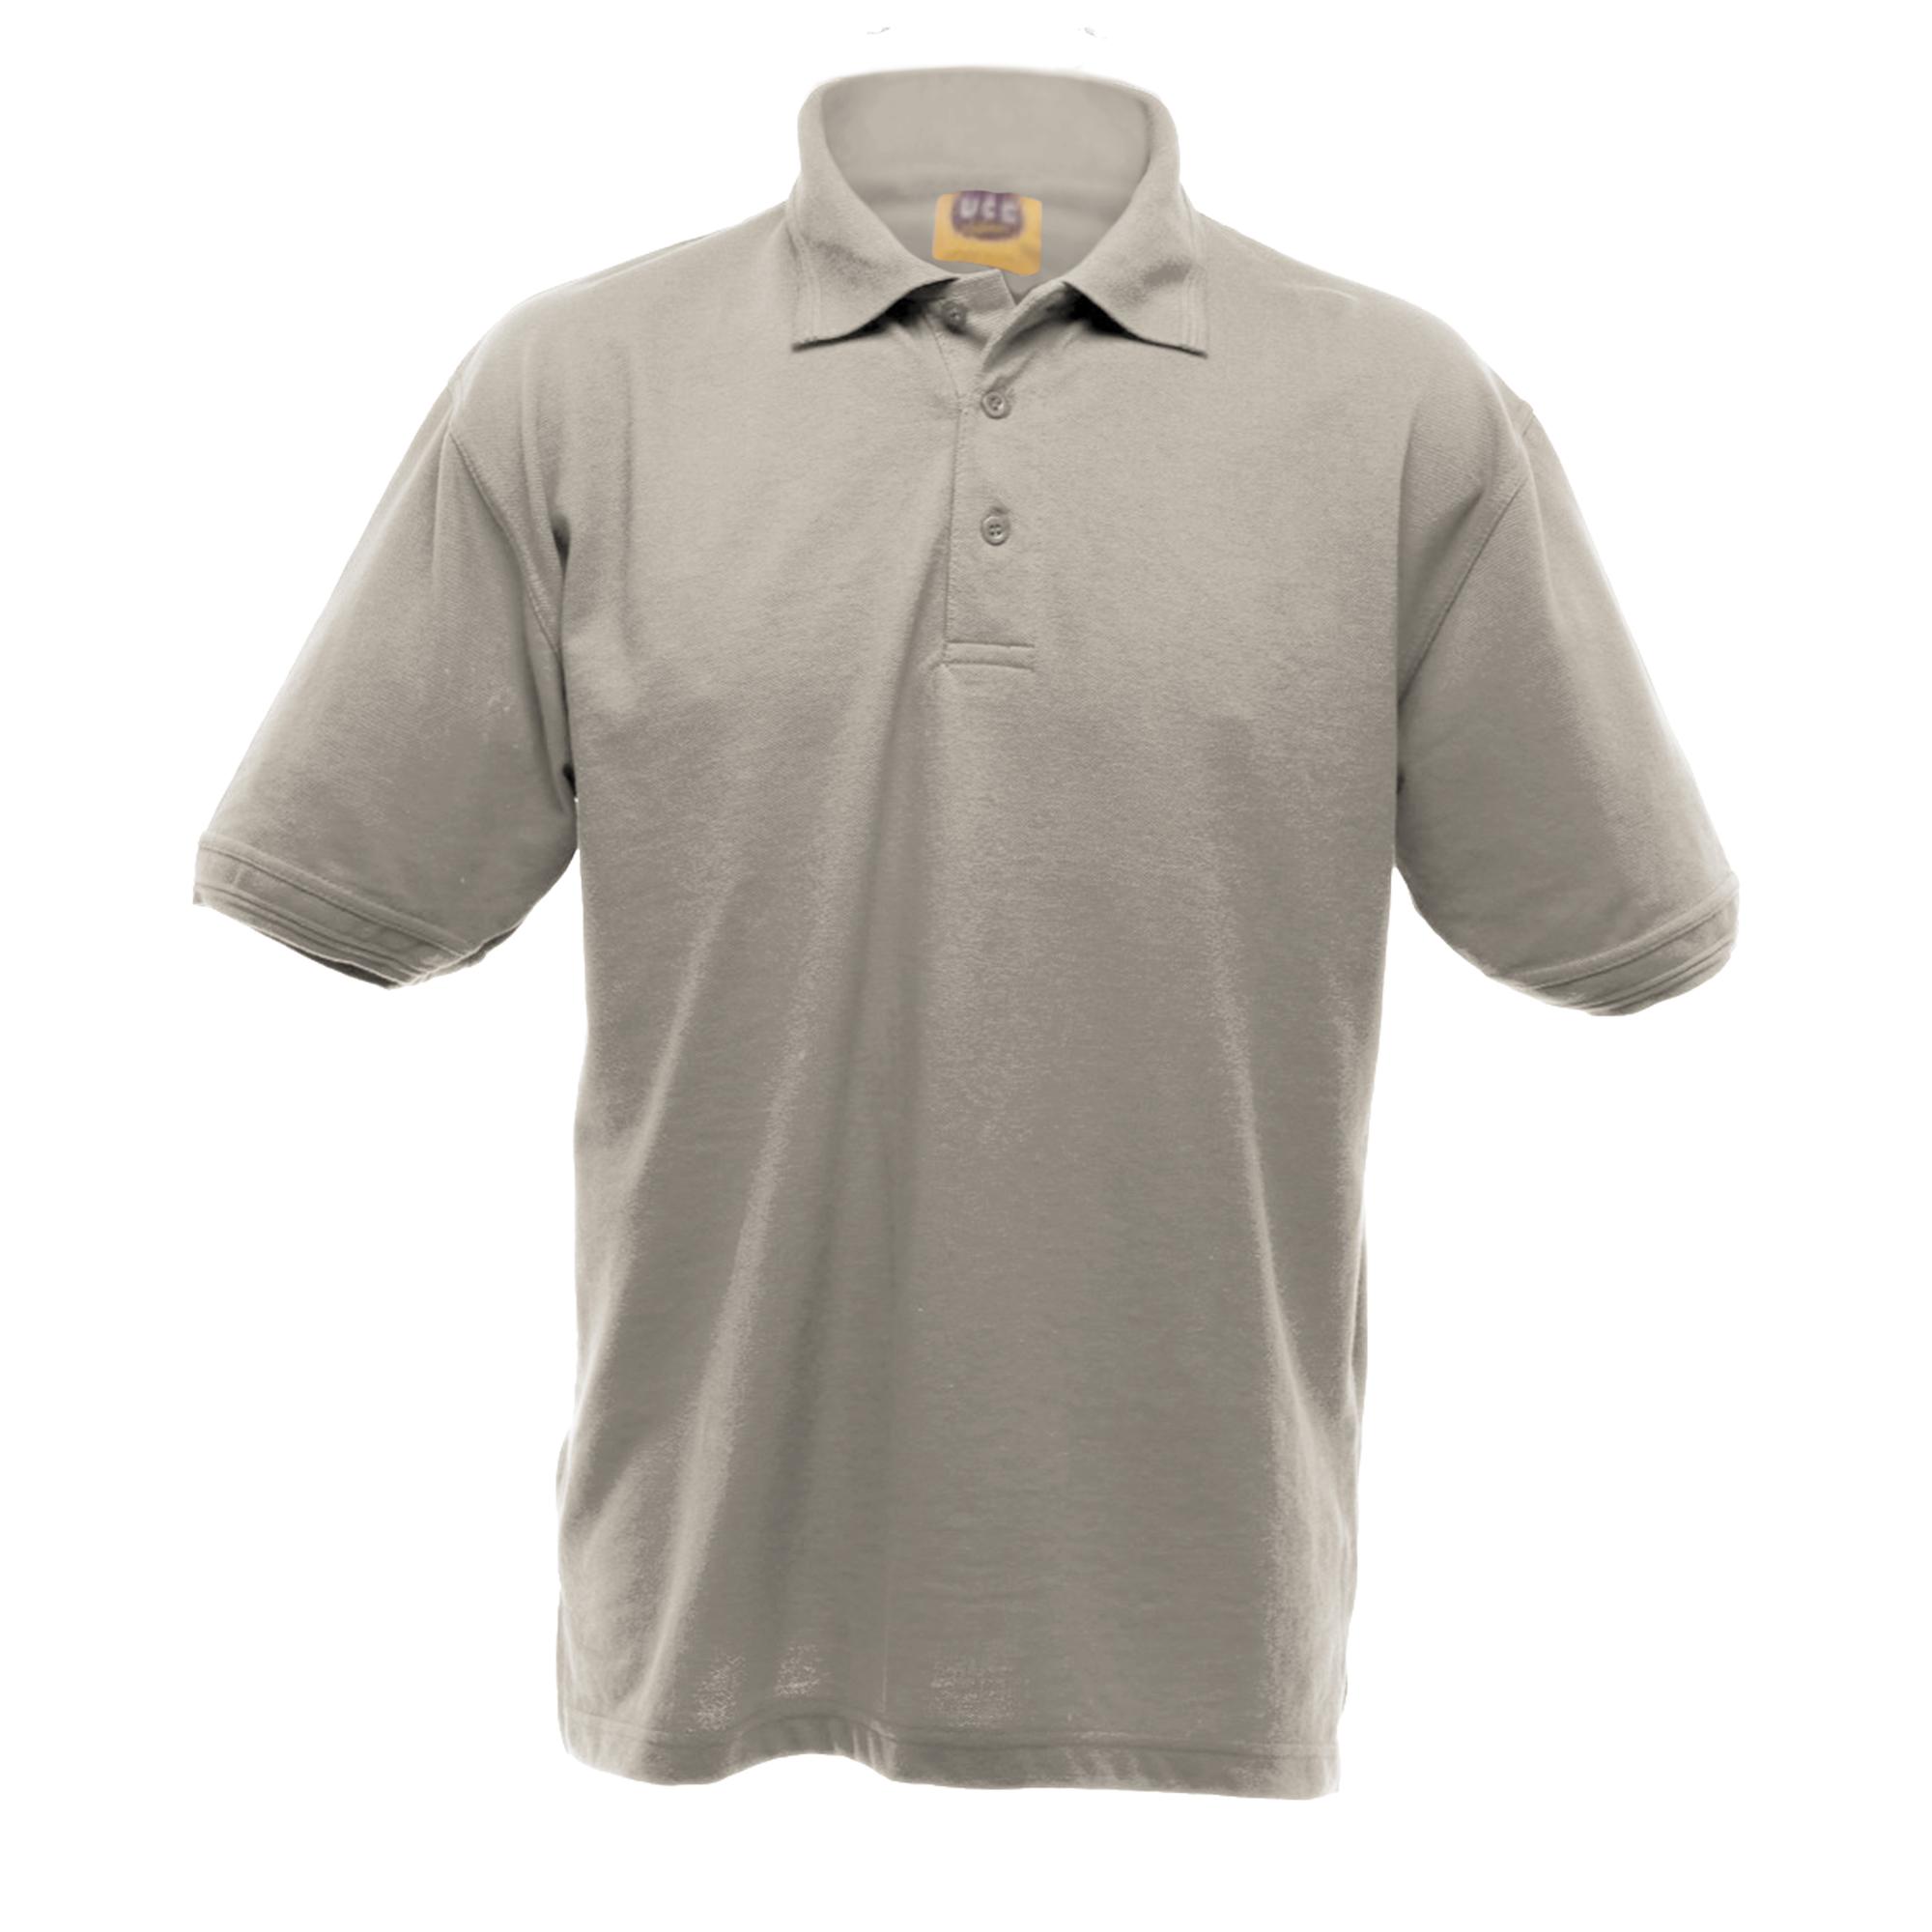 UCC 50/50 Mens Heavyweight Plain Pique Short Sleeve Polo Shirt (XL) (Black)